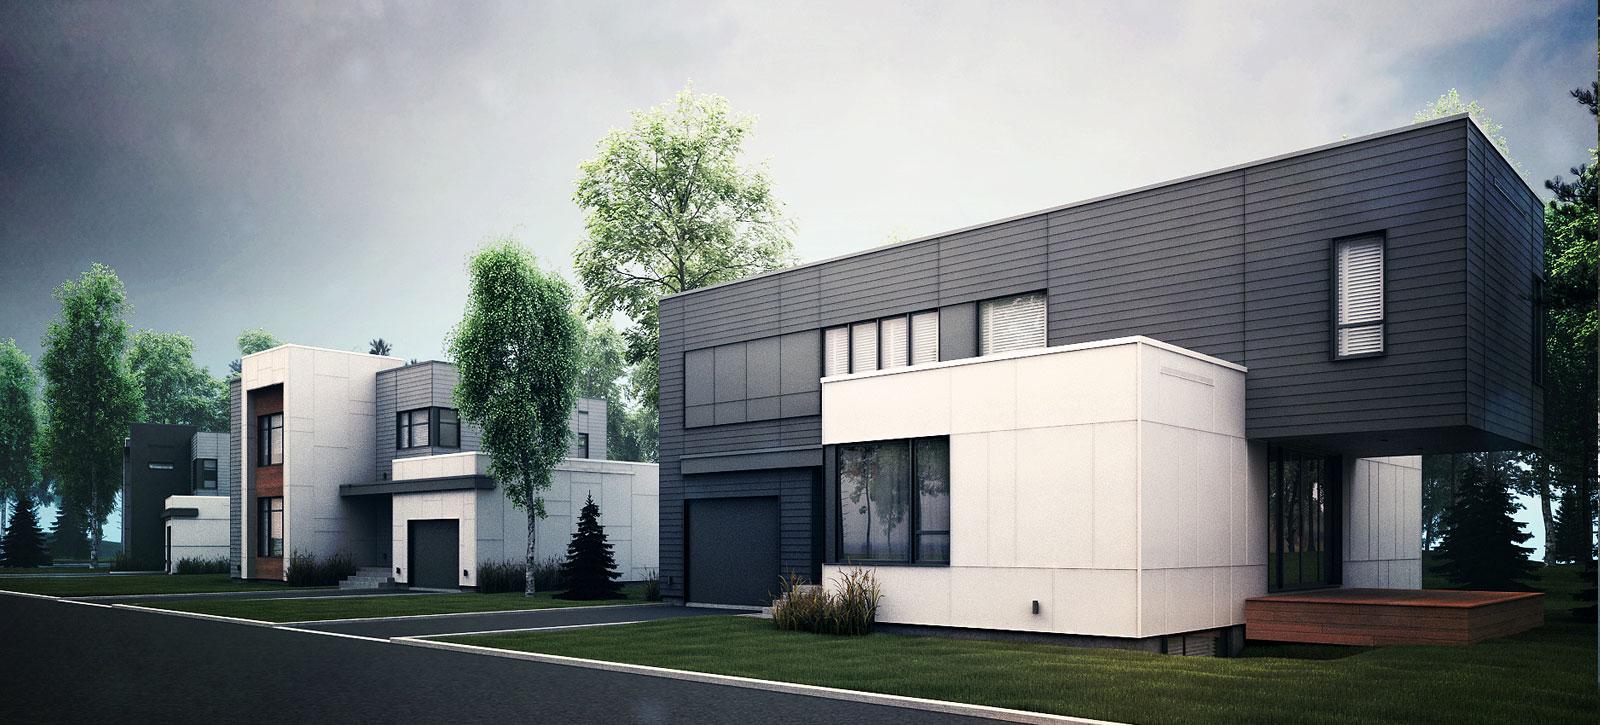 Maison style quebecoise for Projet maison contemporaine